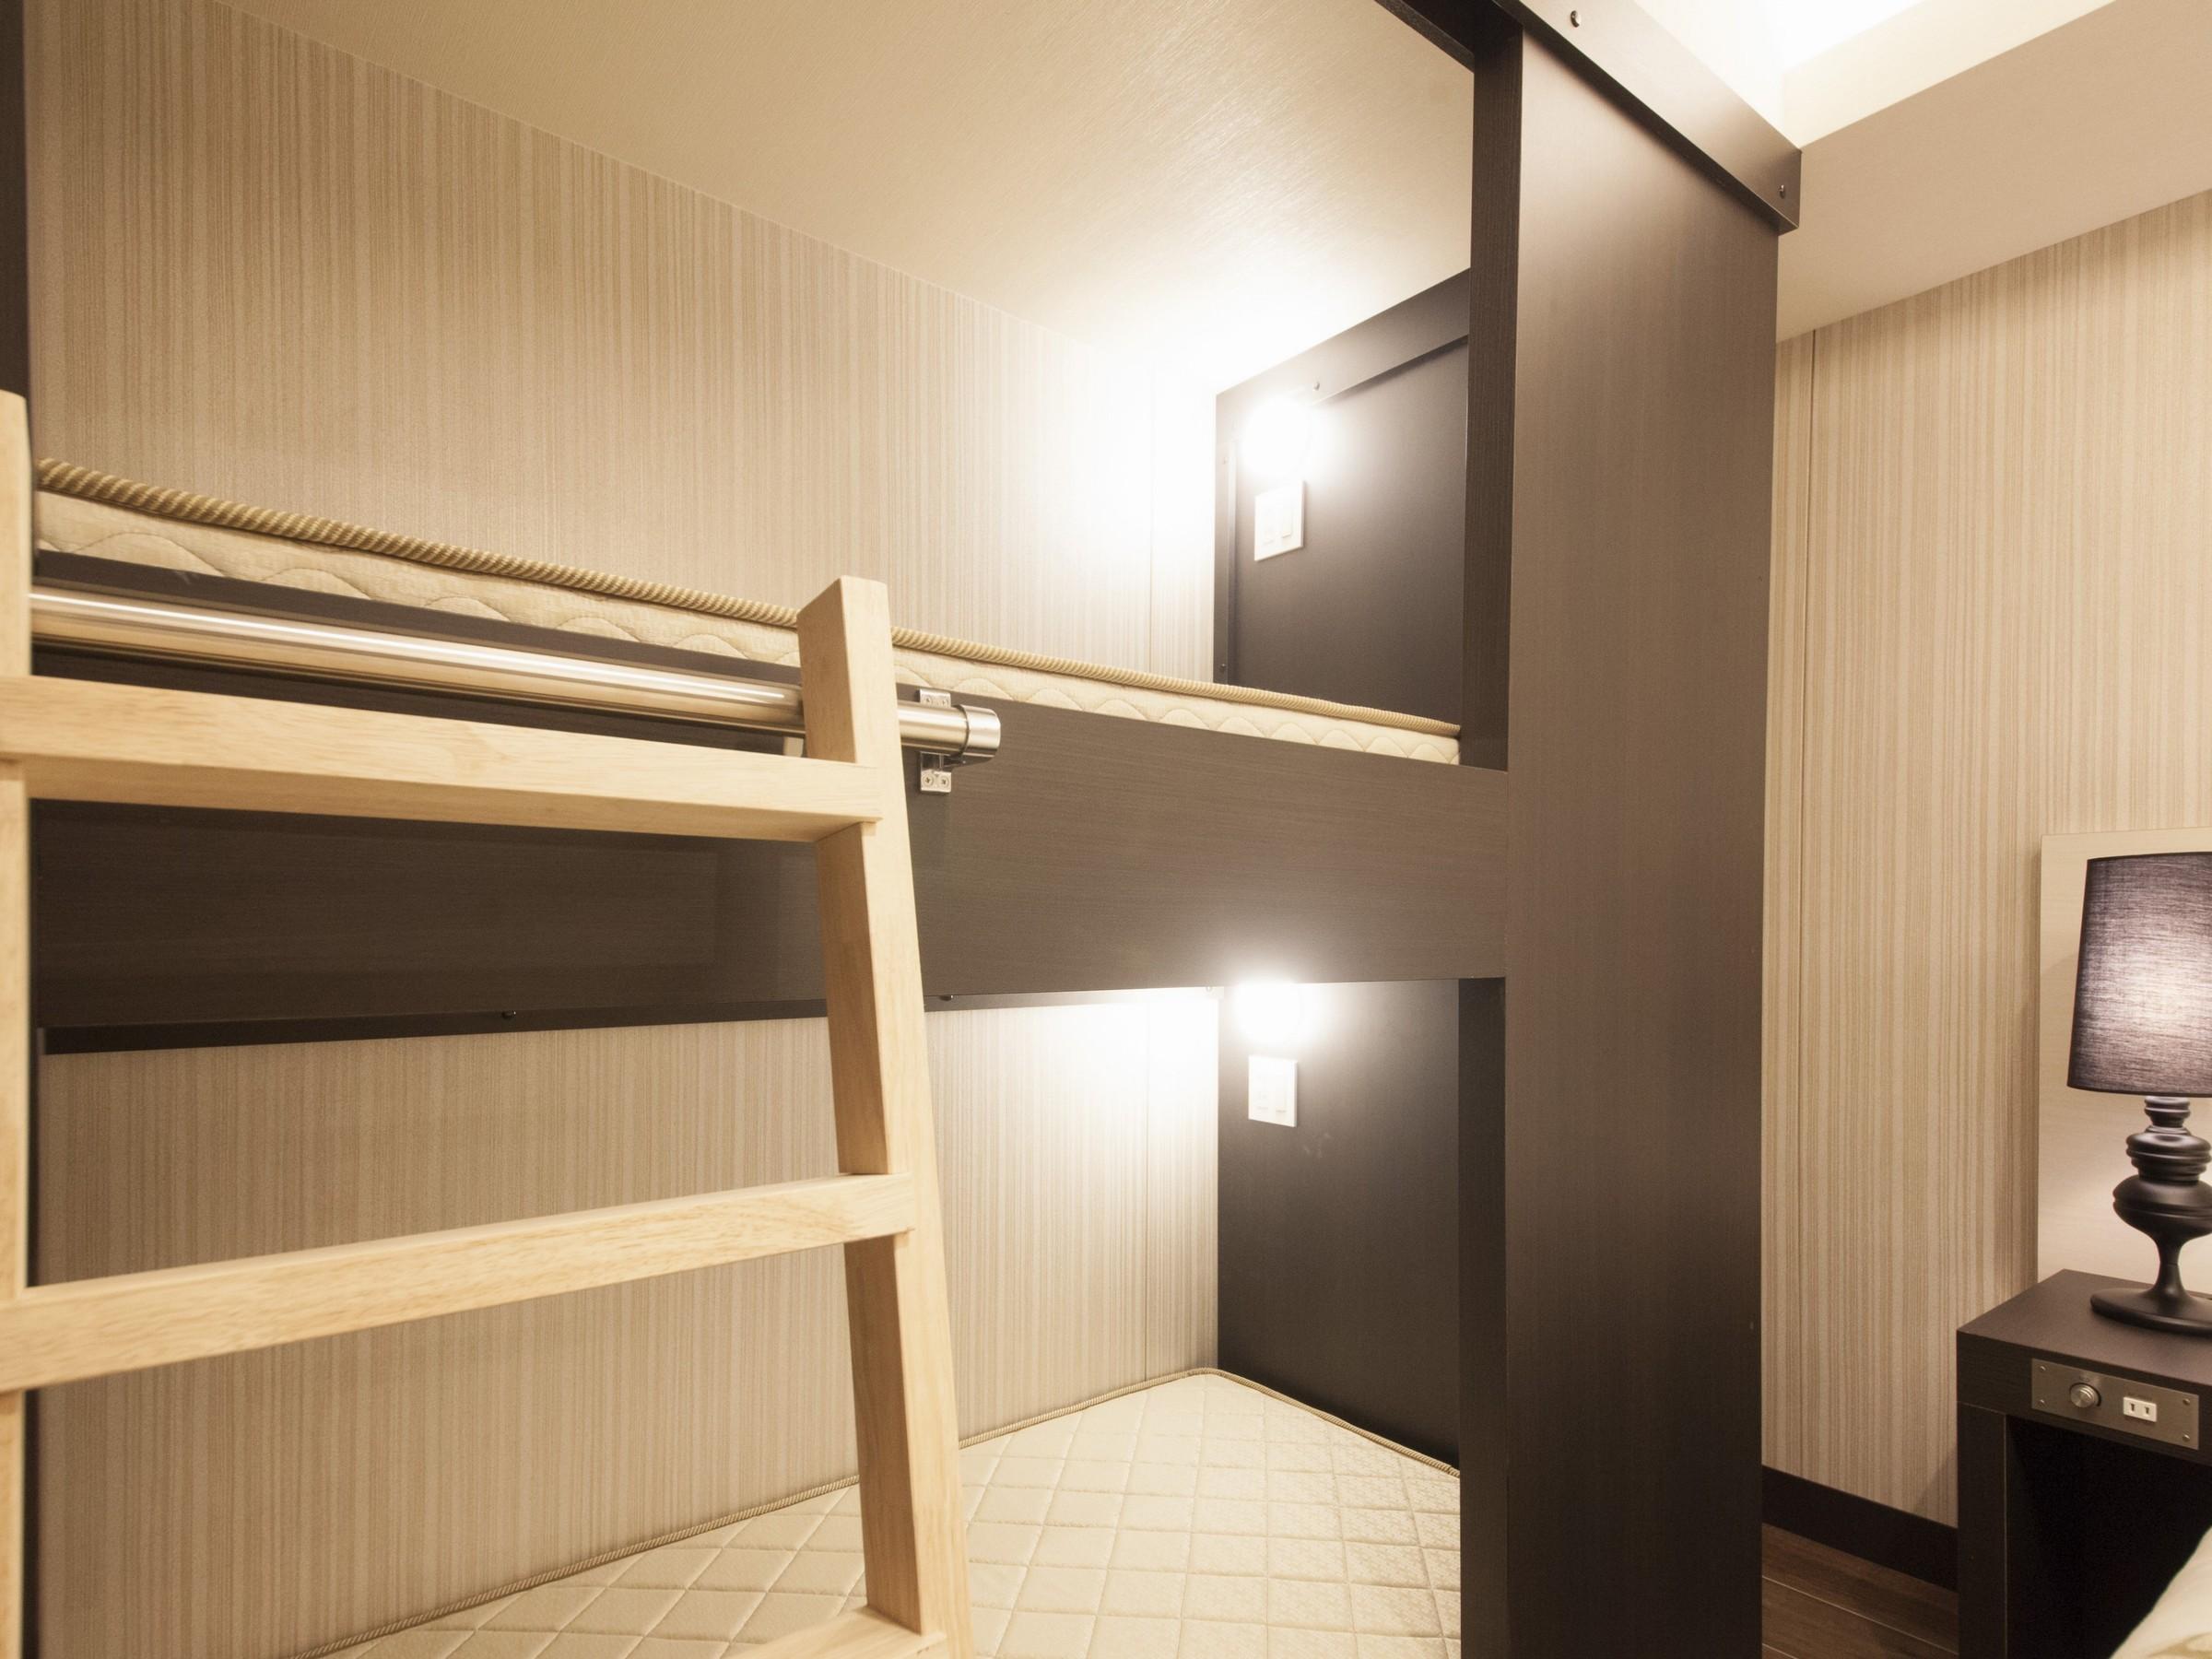 ザ・センチュリオンホテル クラシック赤坂 / 【禁煙】デラックスファミリーツイン 《1-8名様》